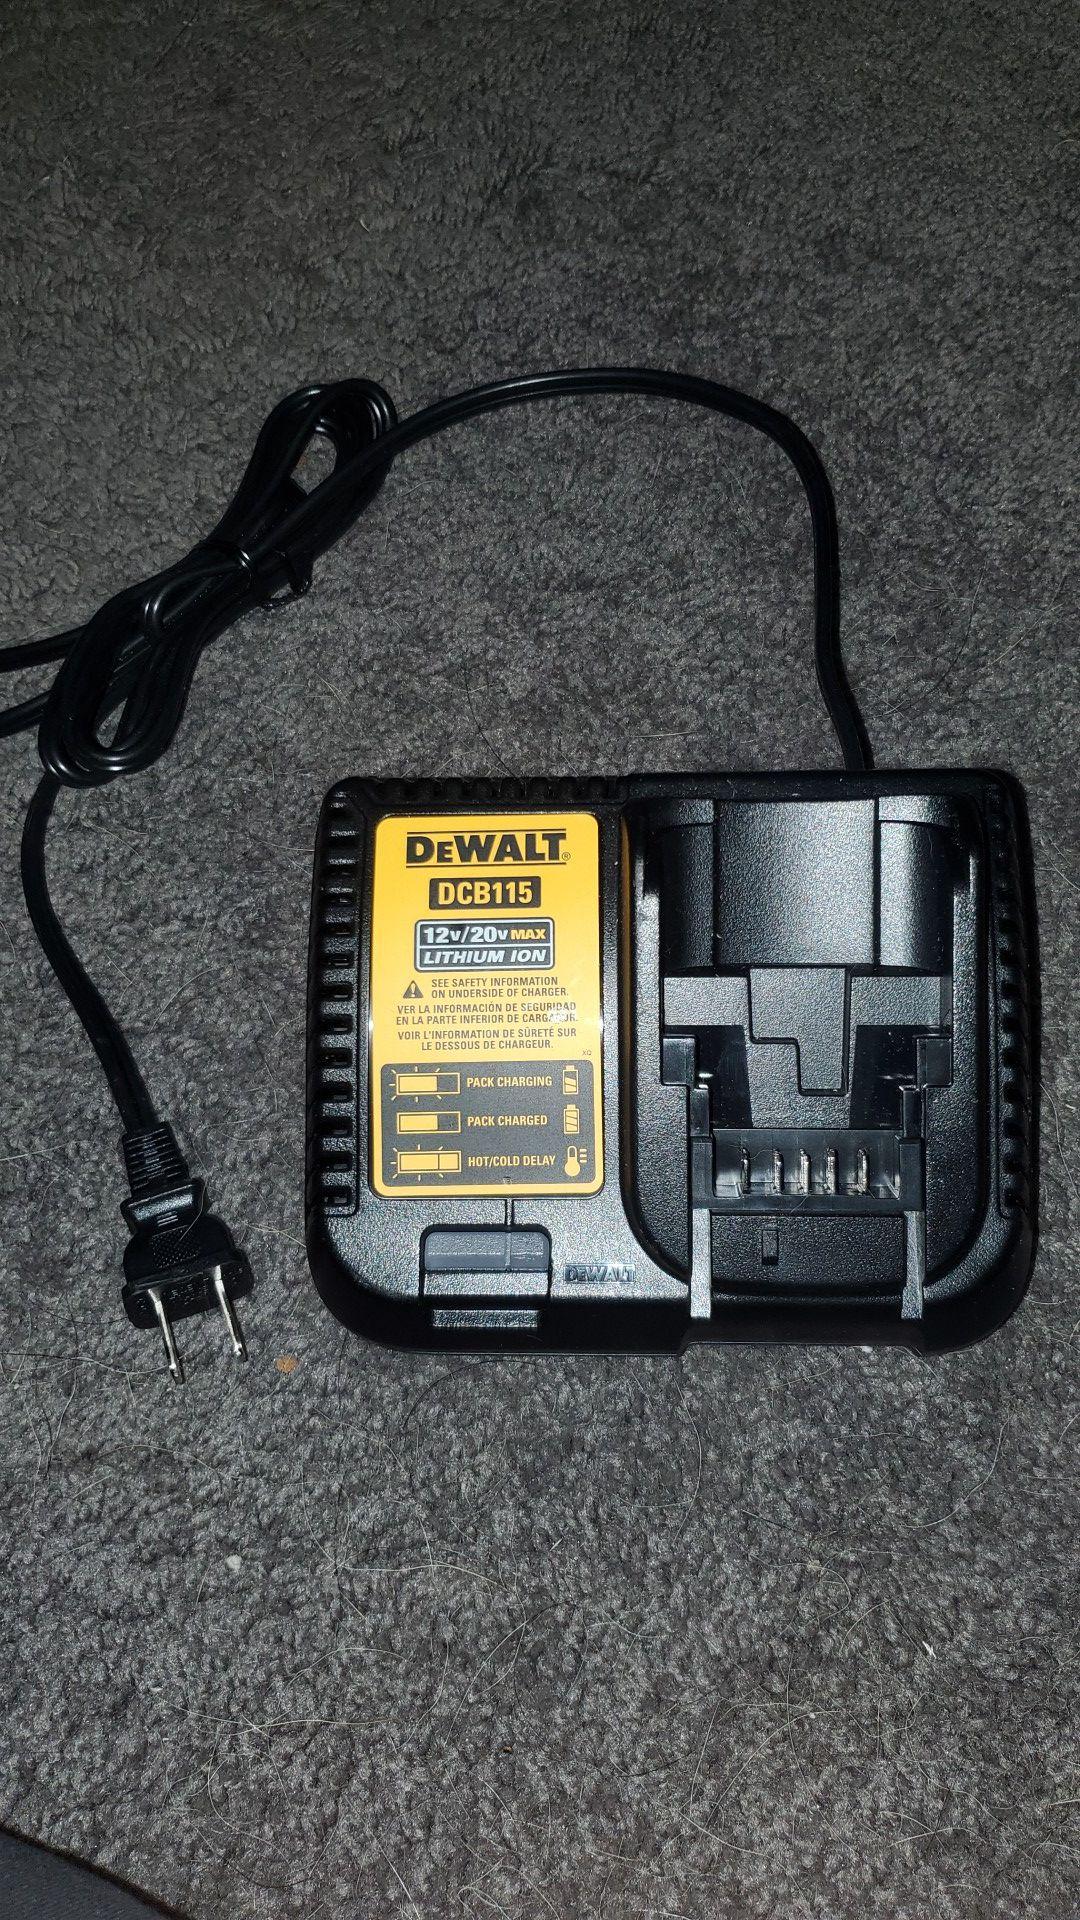 dewalt fast charger.